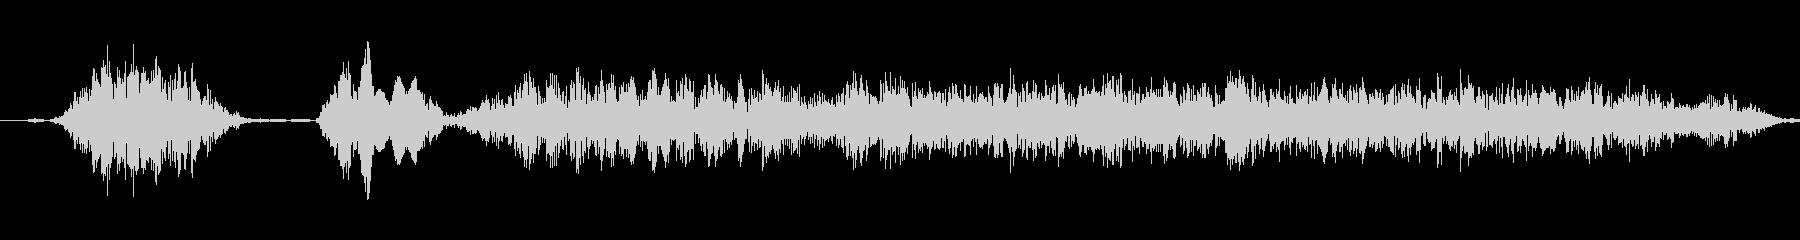 コケコッコー 鶏の鳴き声の未再生の波形